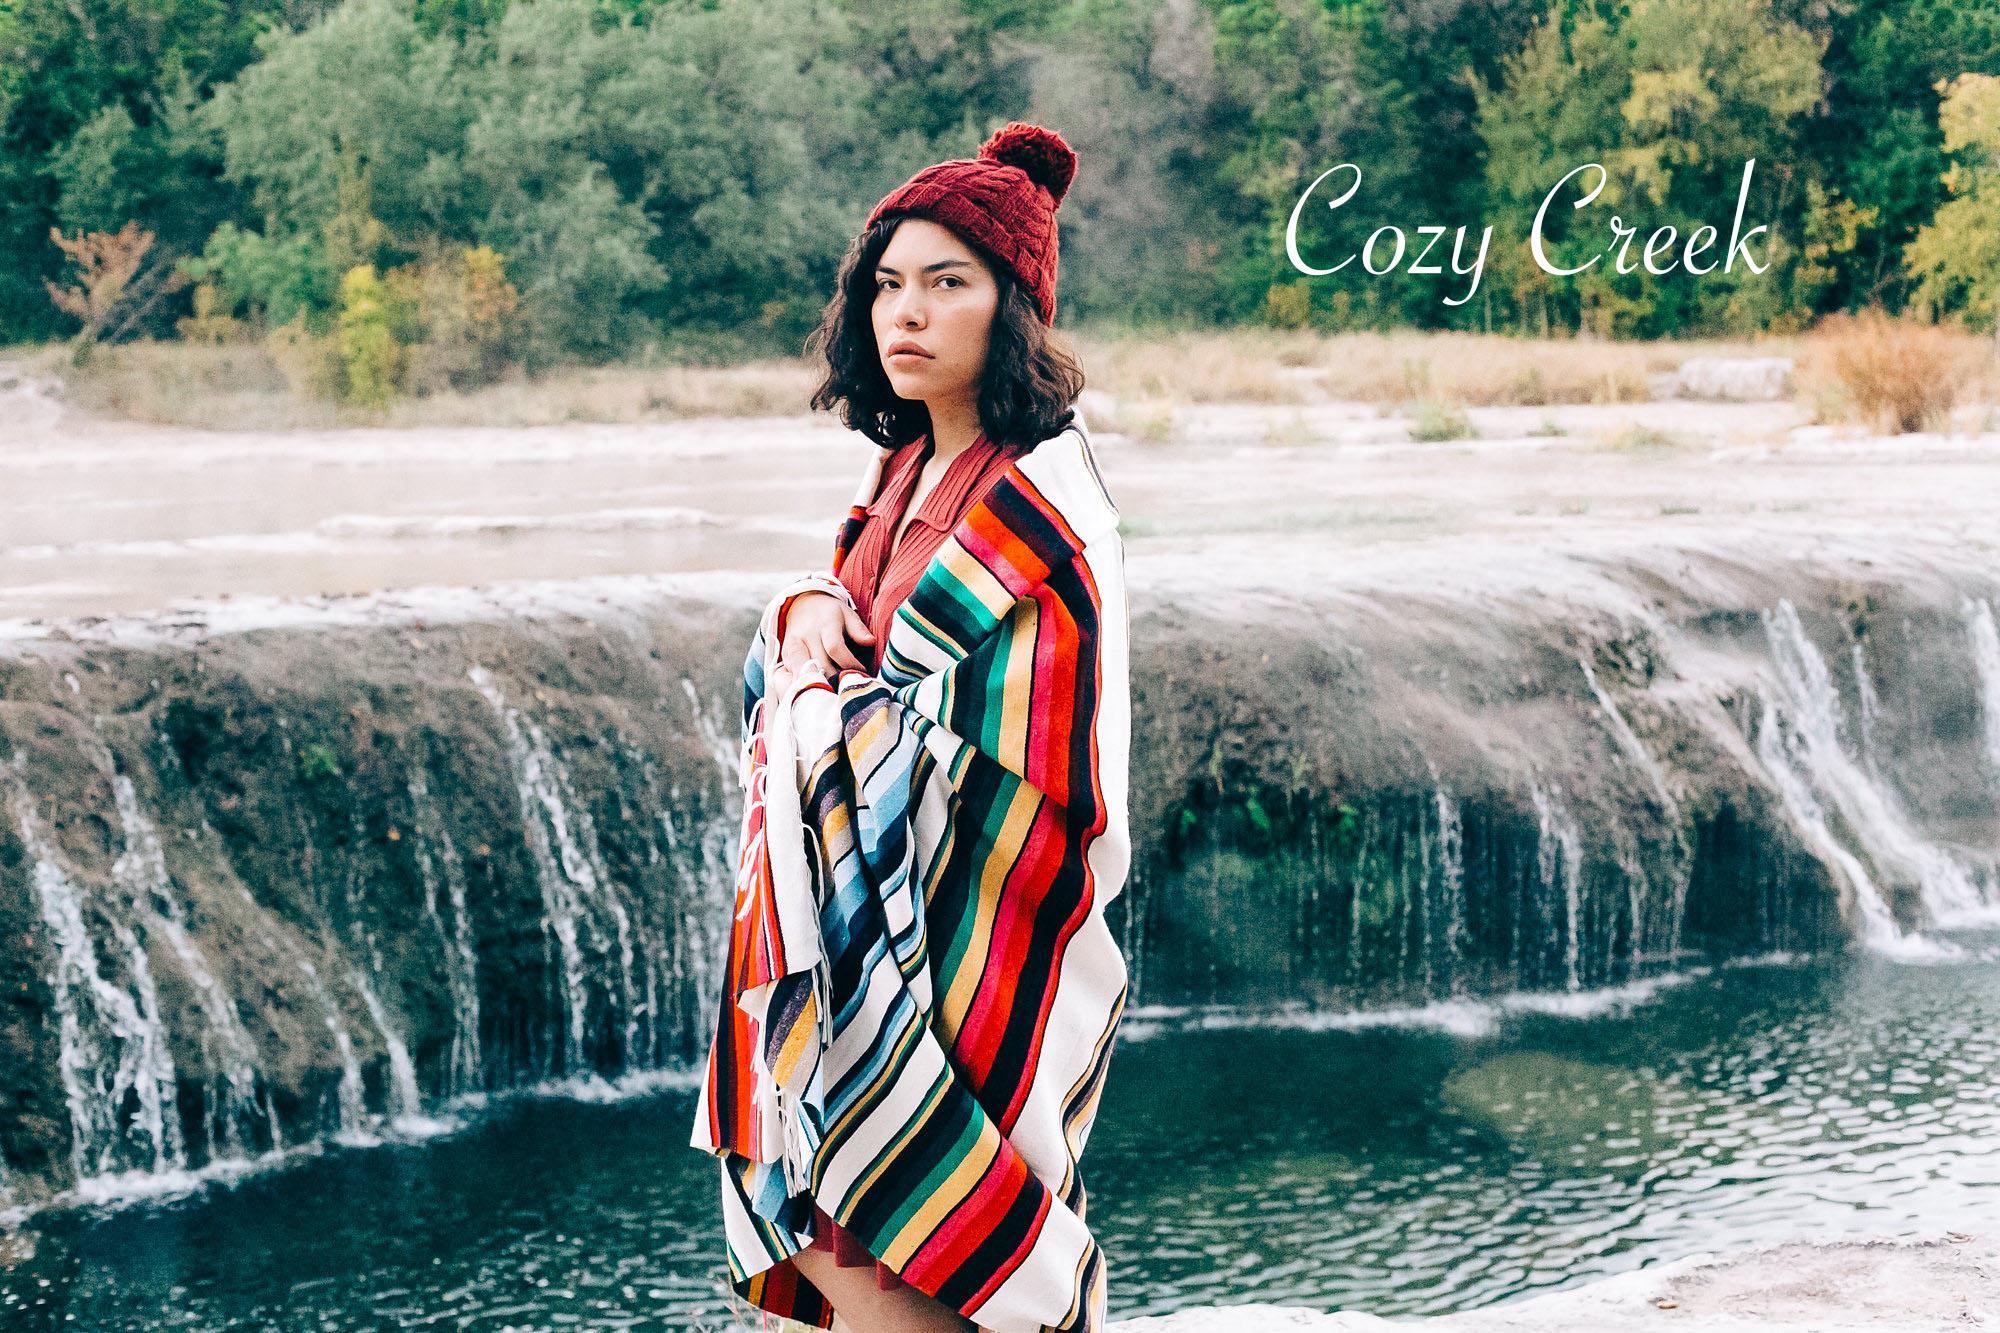 Pieceology-Vintage-Cozy-Creek-Lookbook-Cover.jpg